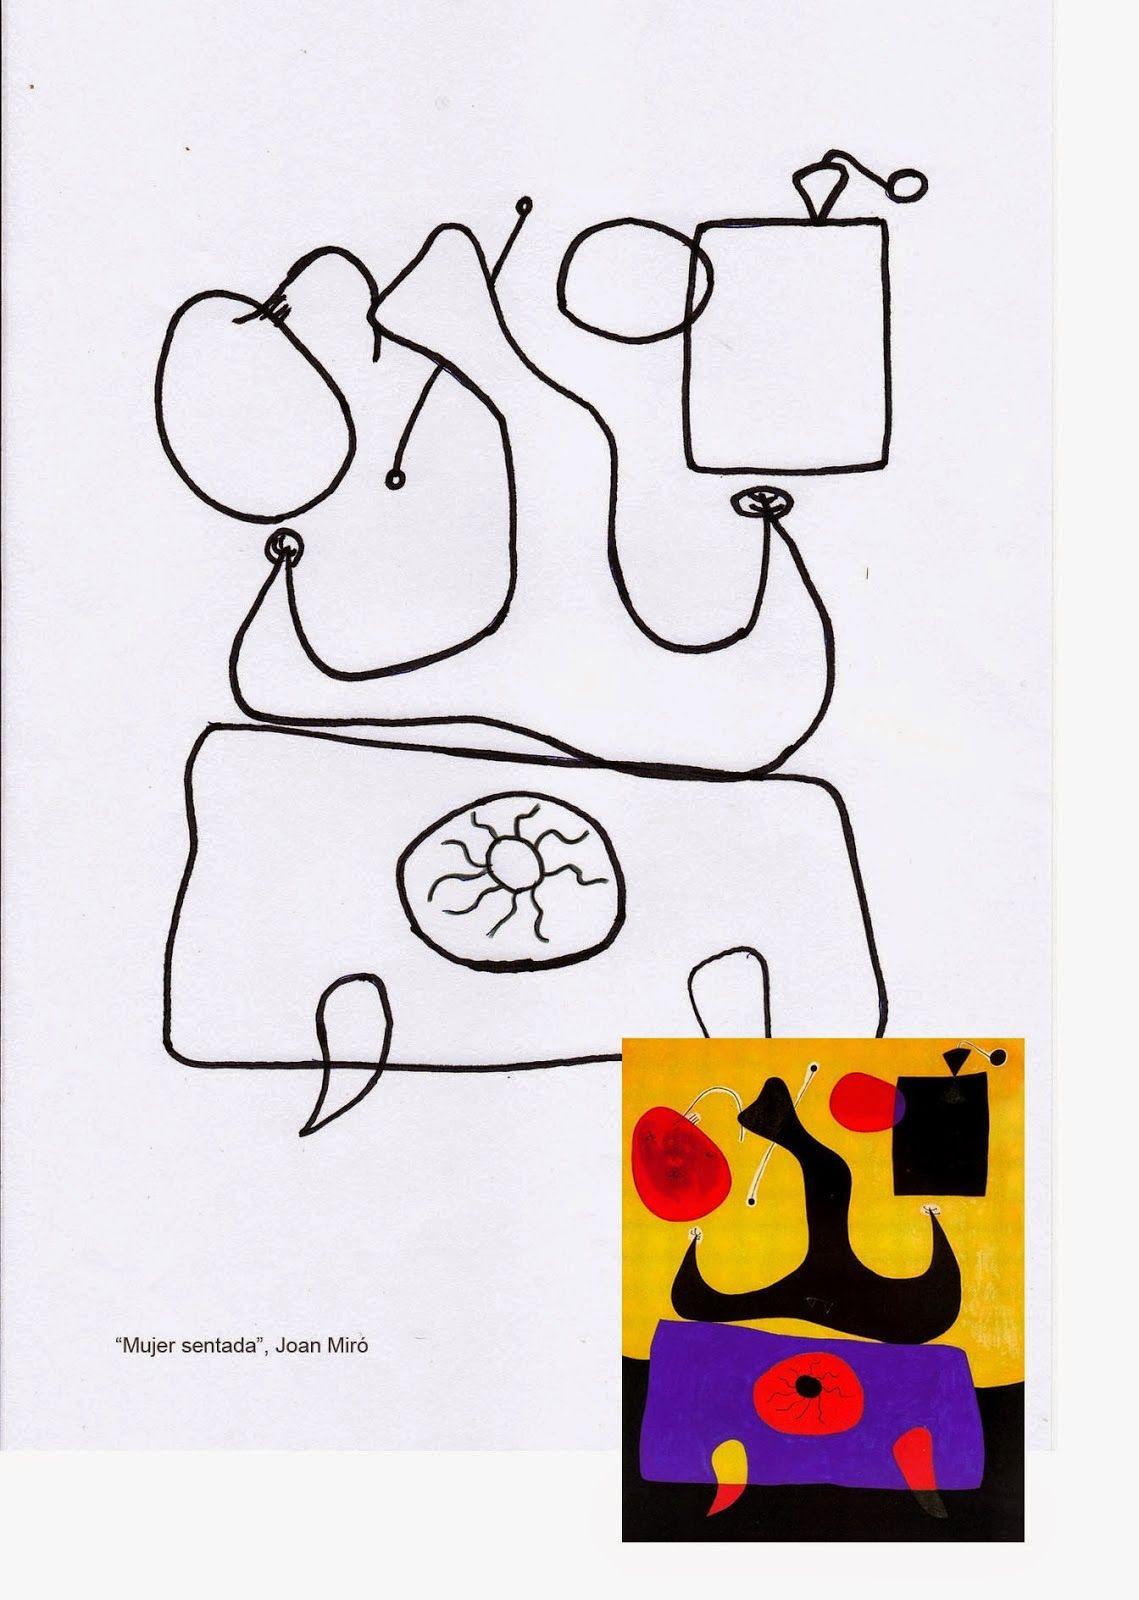 Pintores Famosos Miro Para Ninos Cuadros Para Colorear Cuentos Puzzles Imitacion De Obras